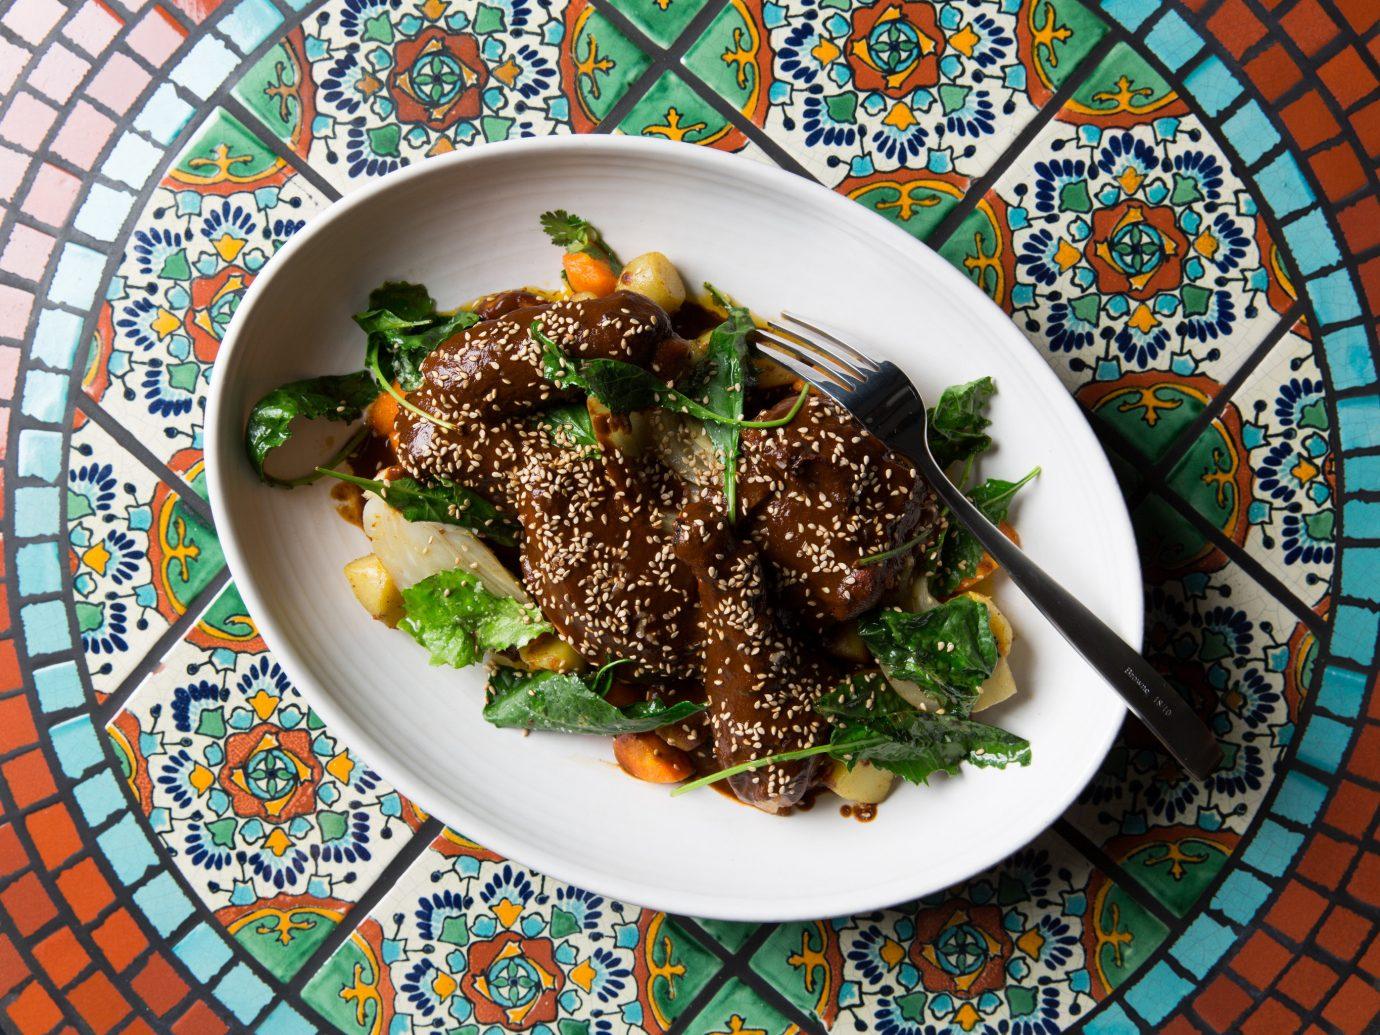 Food + Drink plate food dish vegetable recipe animal source foods vegetarian food meal meat